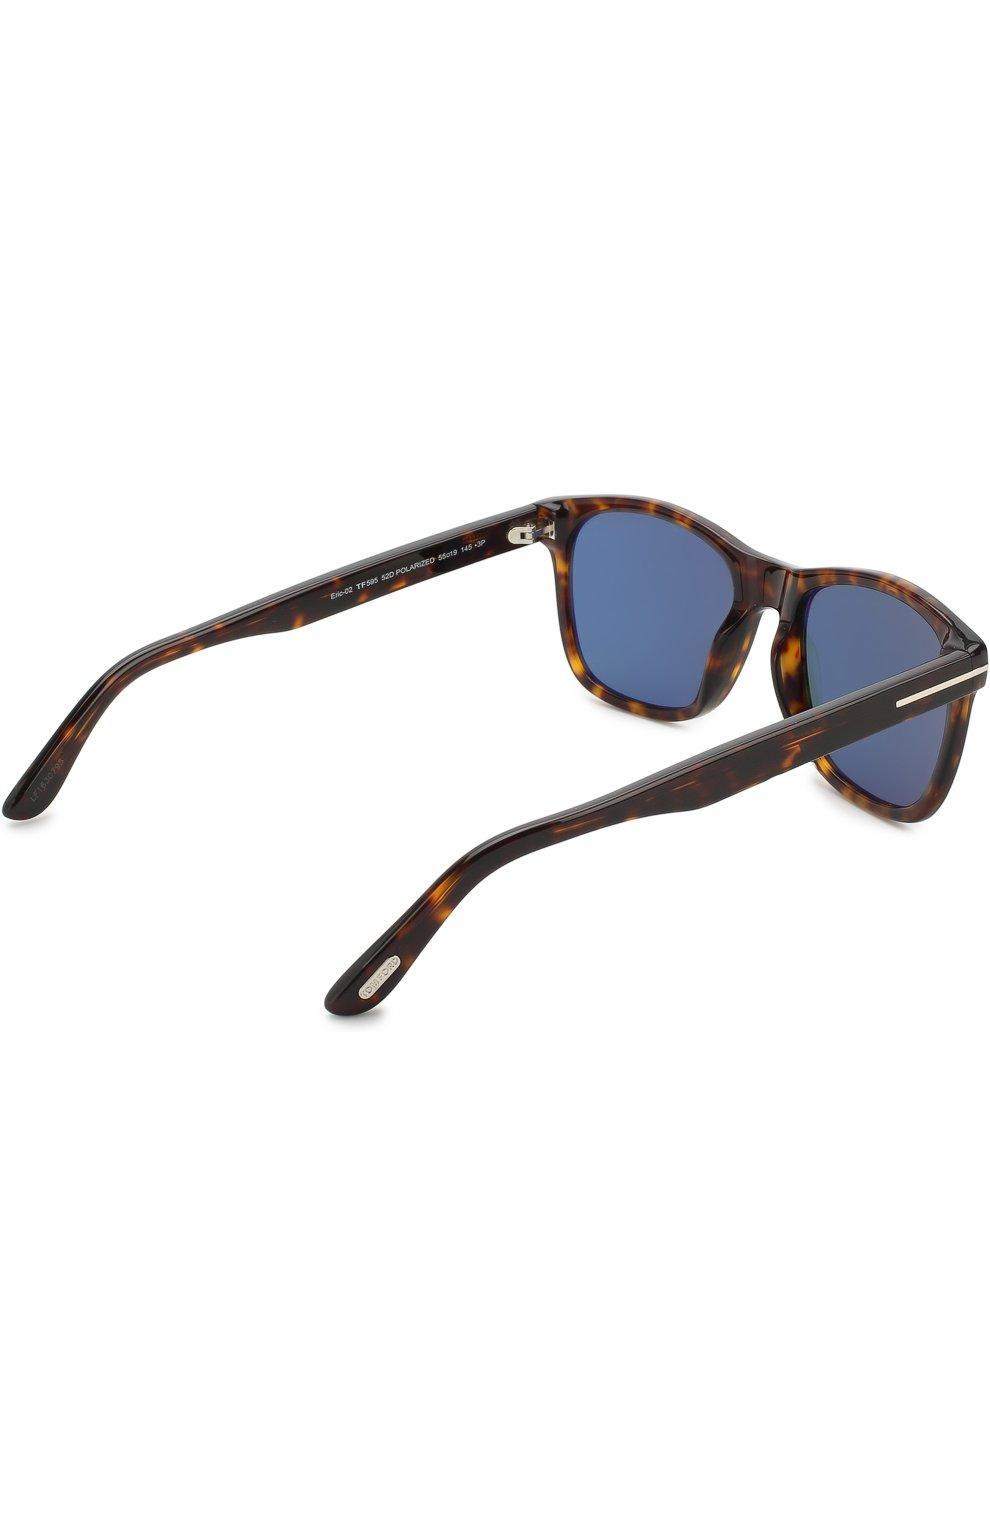 Мужские солнцезащитные очки TOM FORD коричневого цвета, арт. TF595 52D | Фото 3